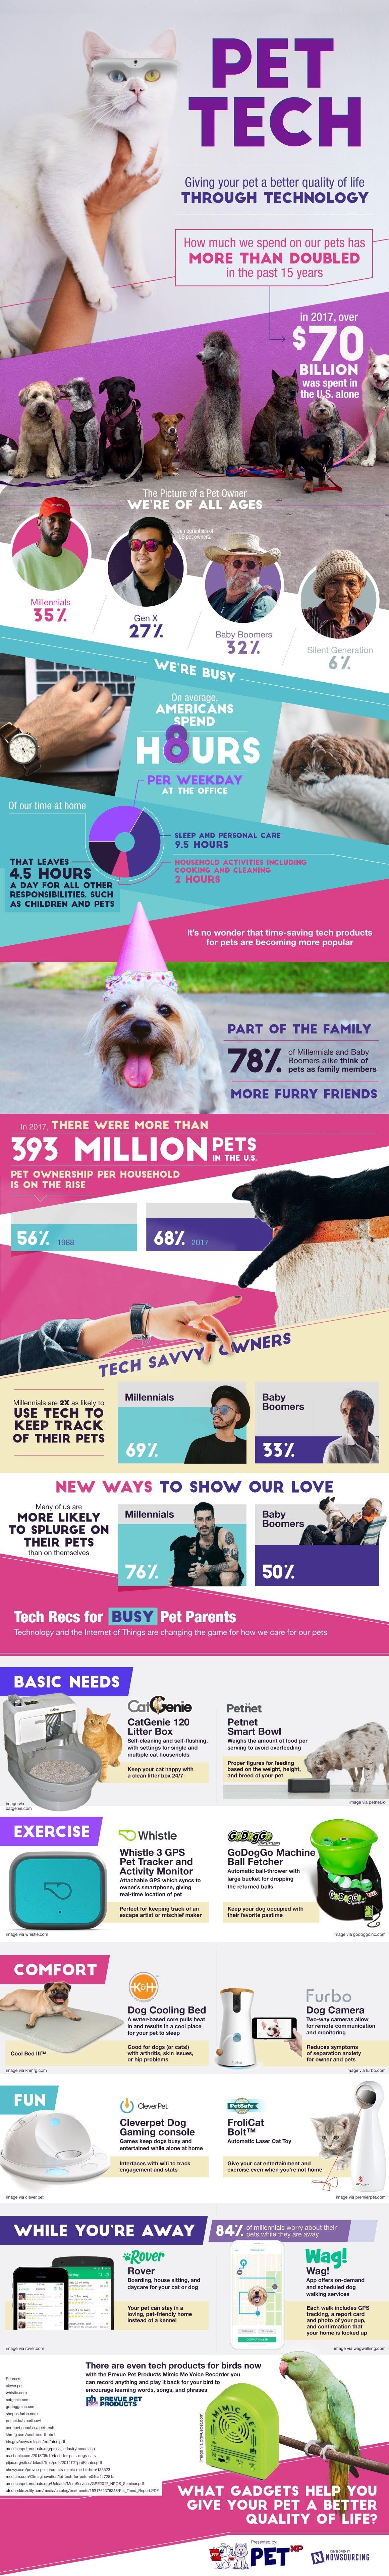 Pet Tech, mejorando a vida de las mascotas a través de la tecnología